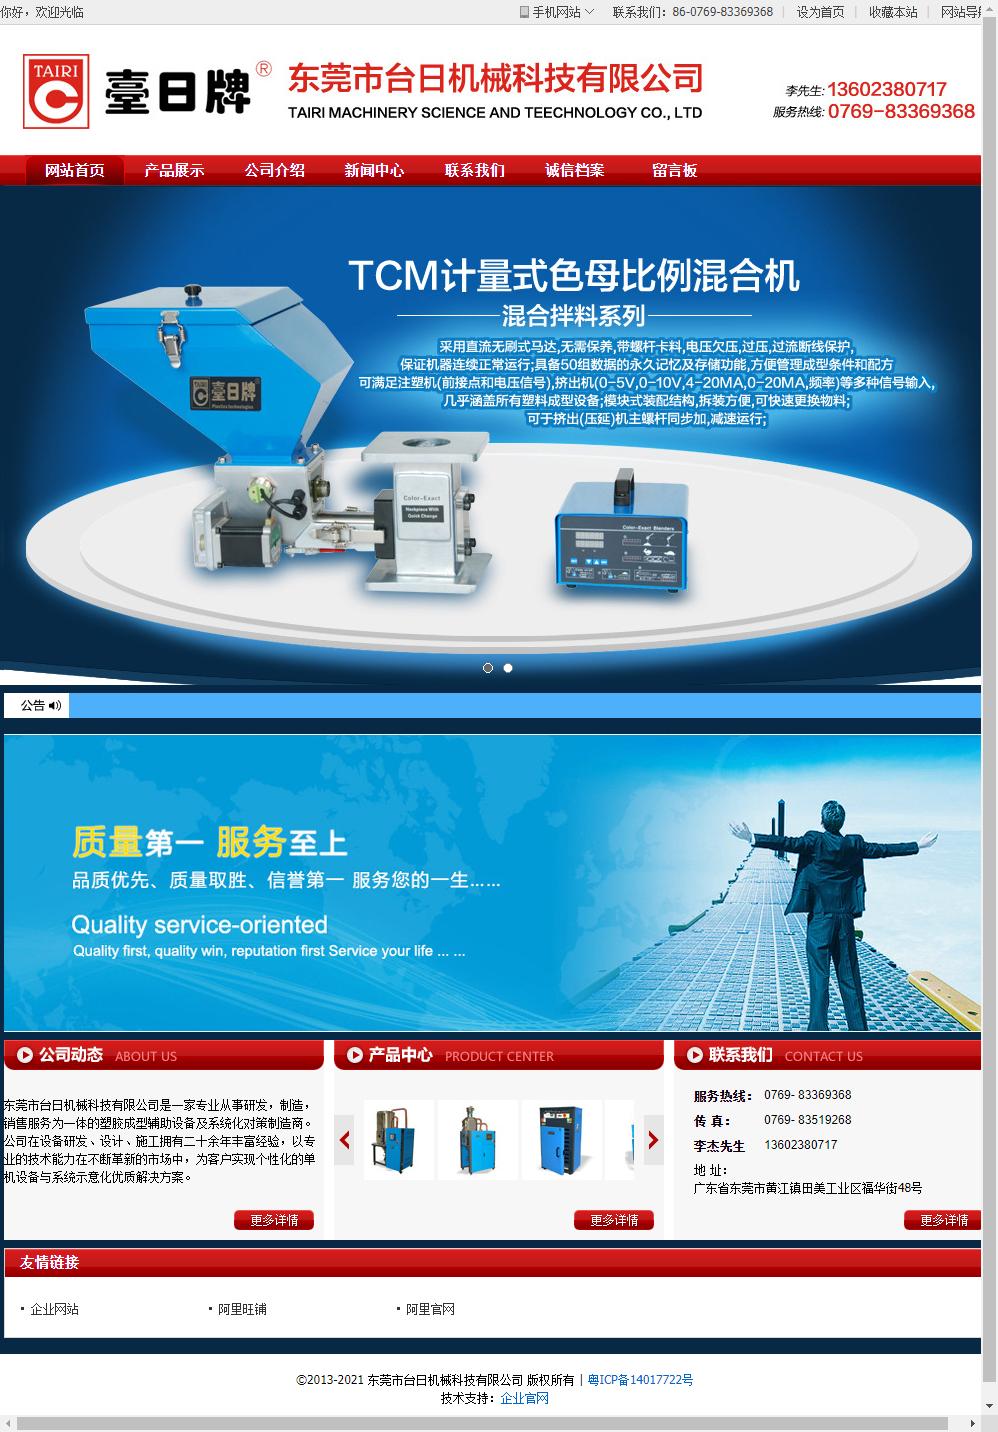 东莞市台日机械科技有限公司网站案例